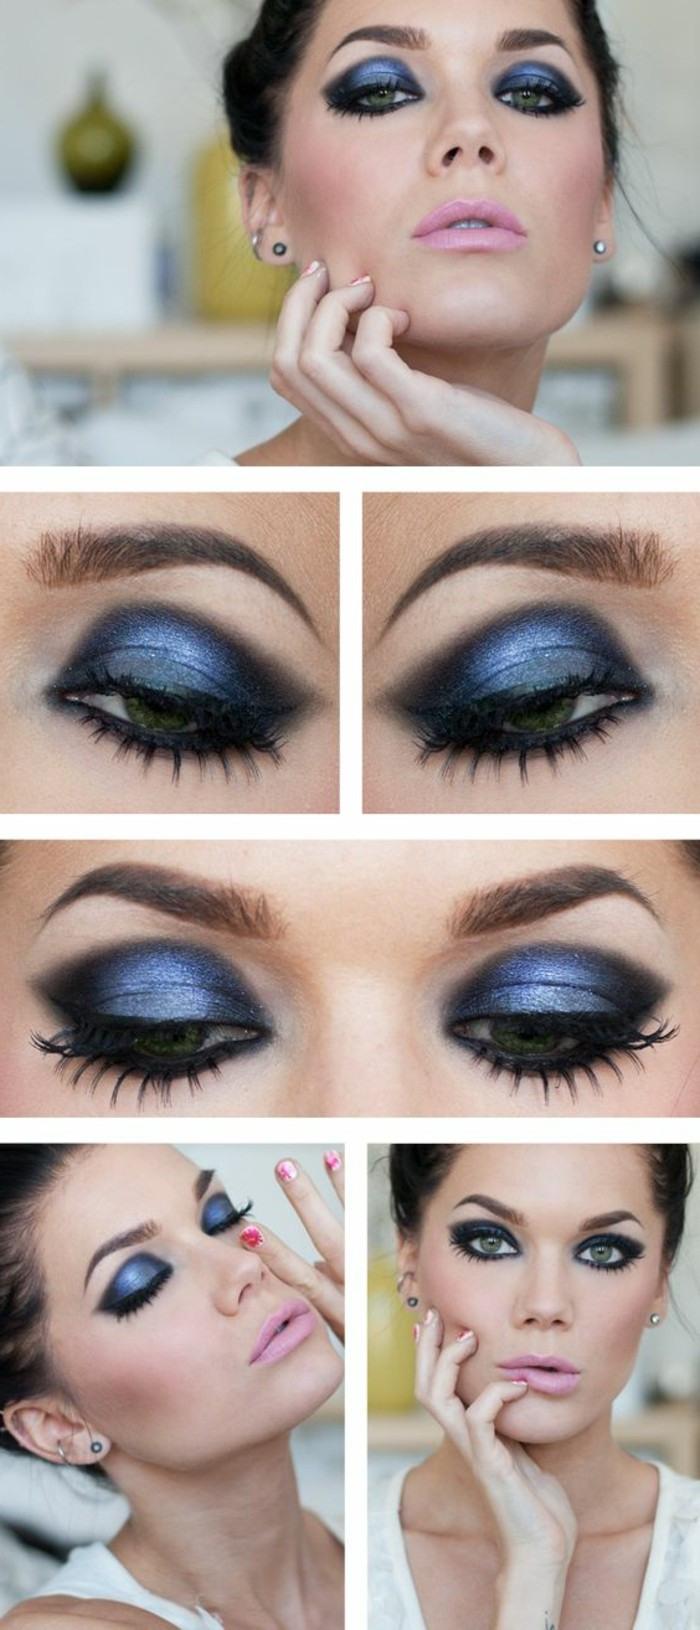 15 Leicht Abend Make-Up Zu Dunkelblauem Kleid SpezialgebietAbend Luxus Abend Make-Up Zu Dunkelblauem Kleid Vertrieb